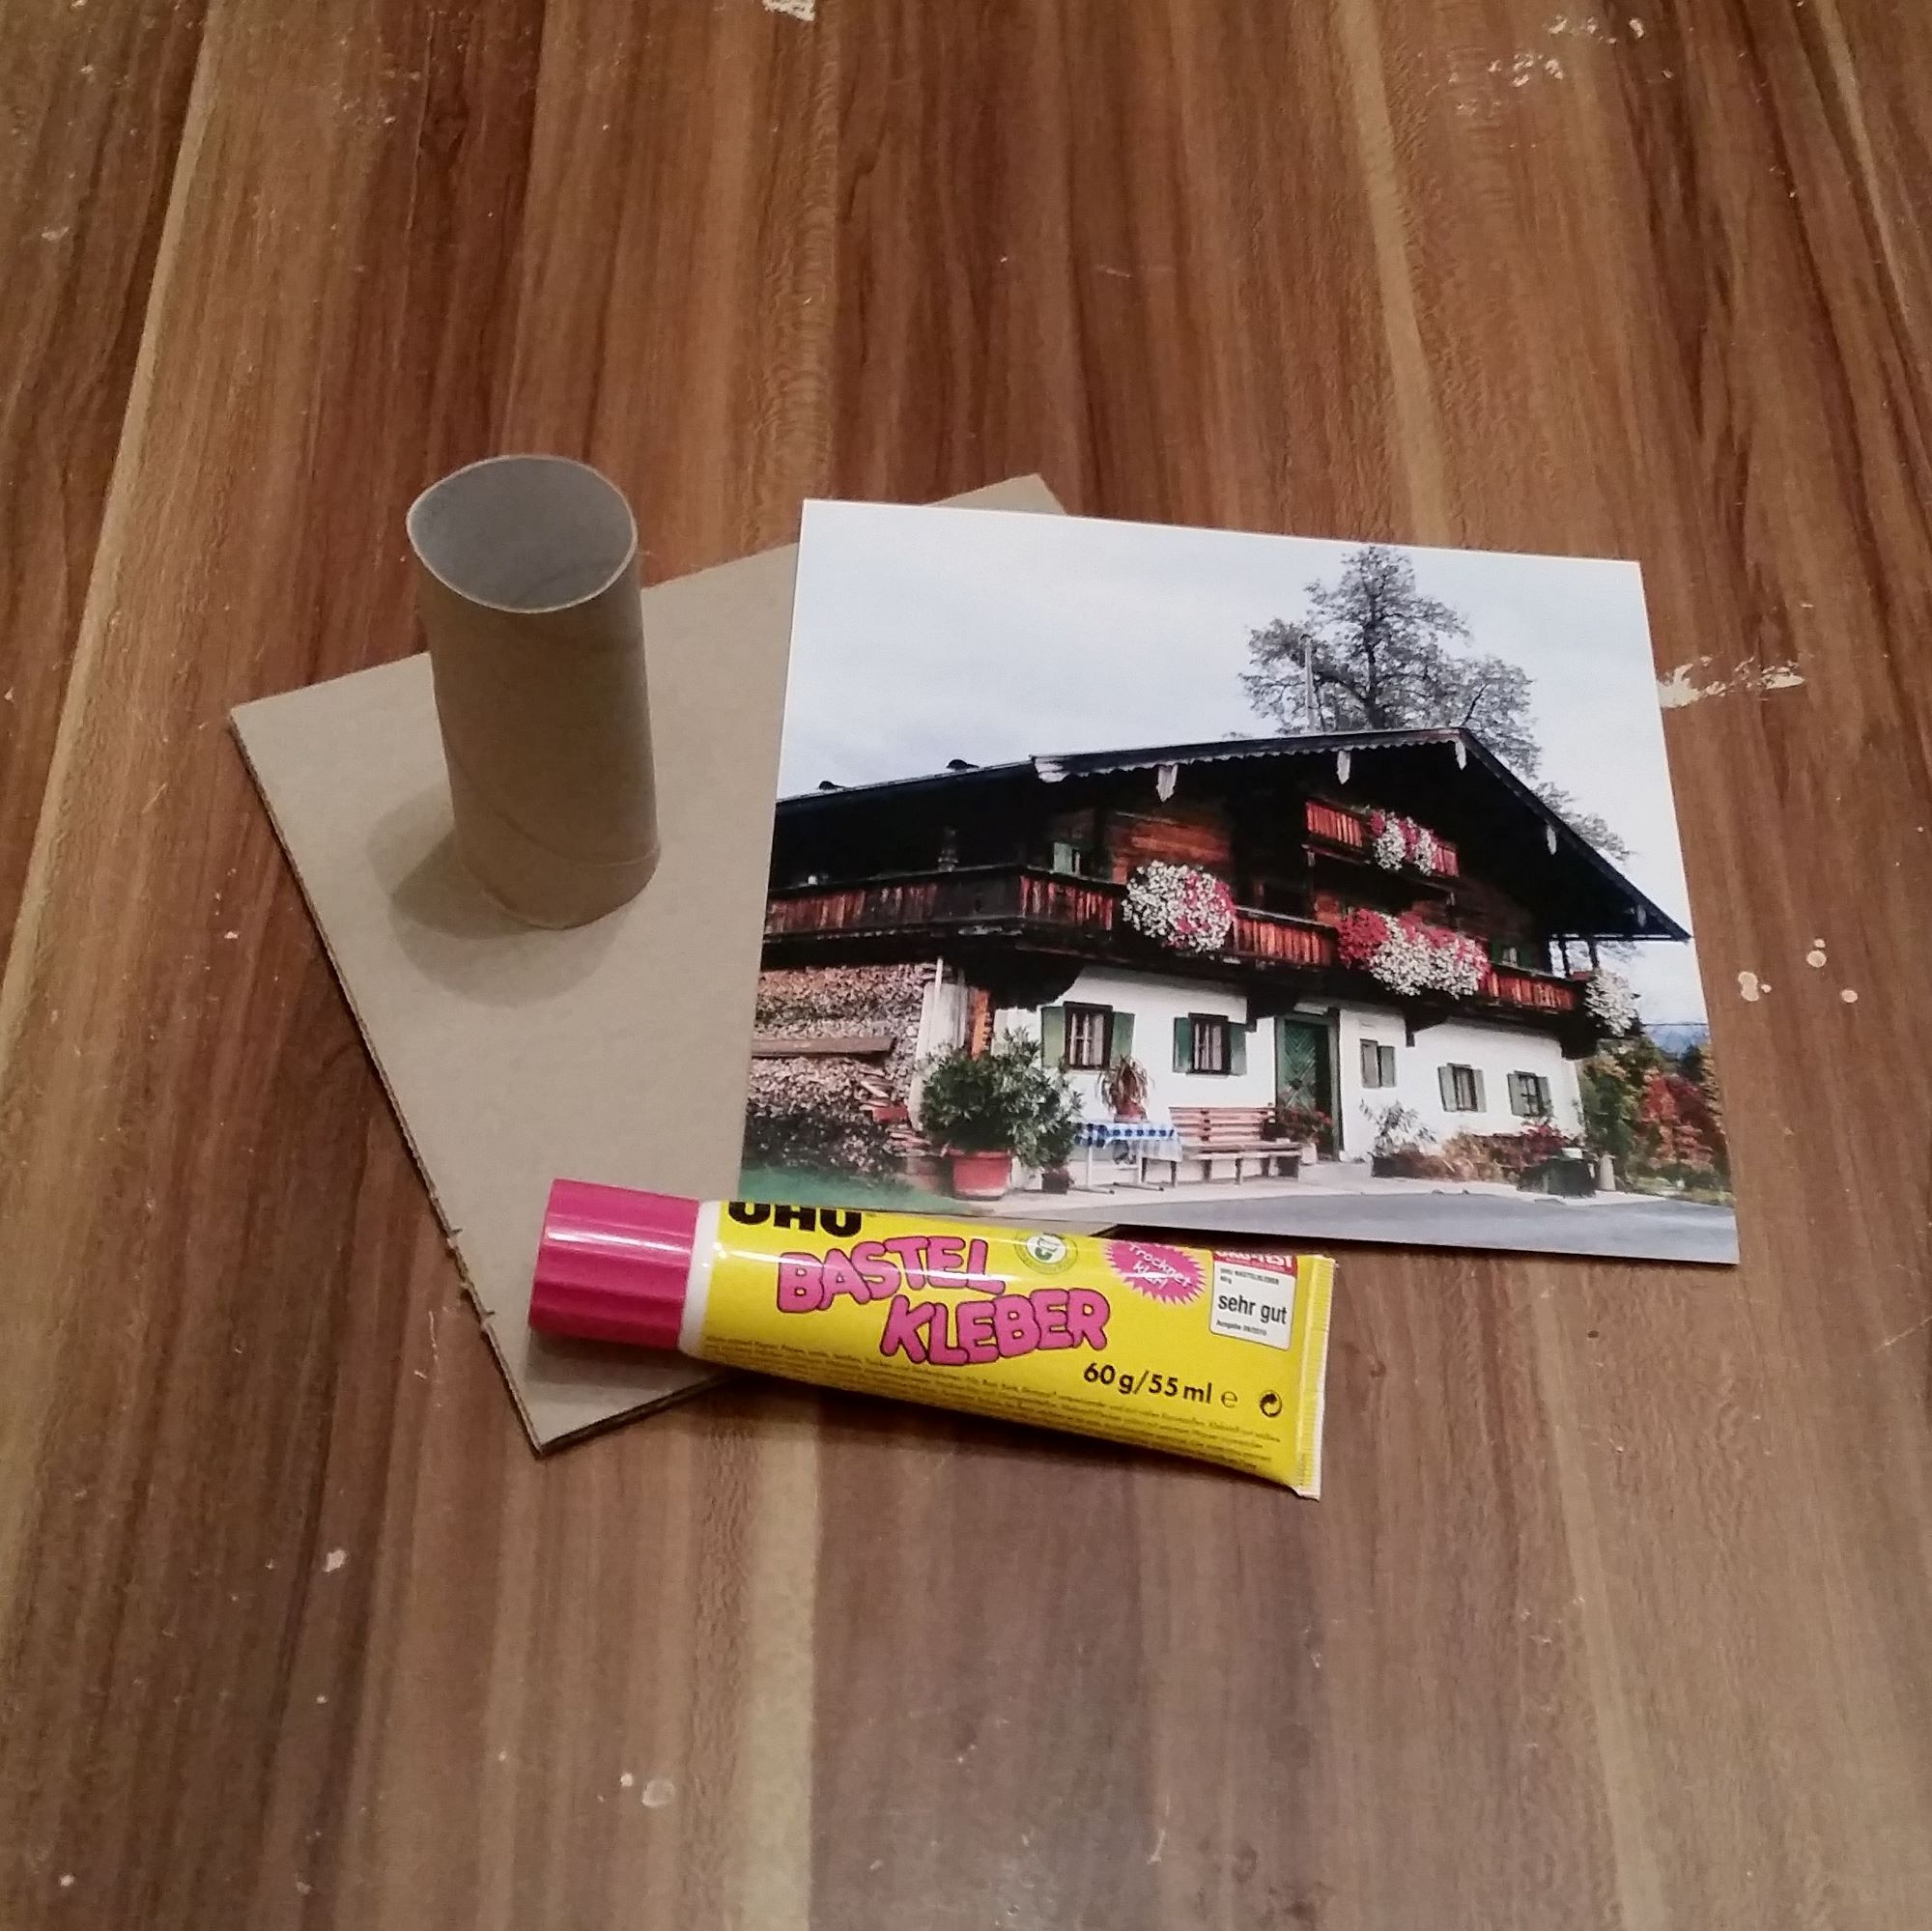 DIY Bilderrahmen aus Karton – Bildaufsteller • Kreativ Blog - DIY ...